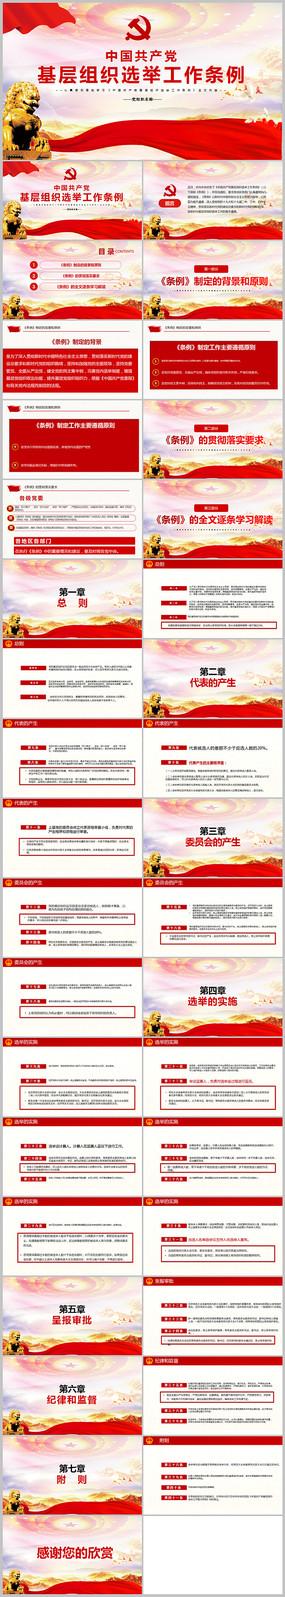 中国共产党基层组织选举工作条例党课PPT